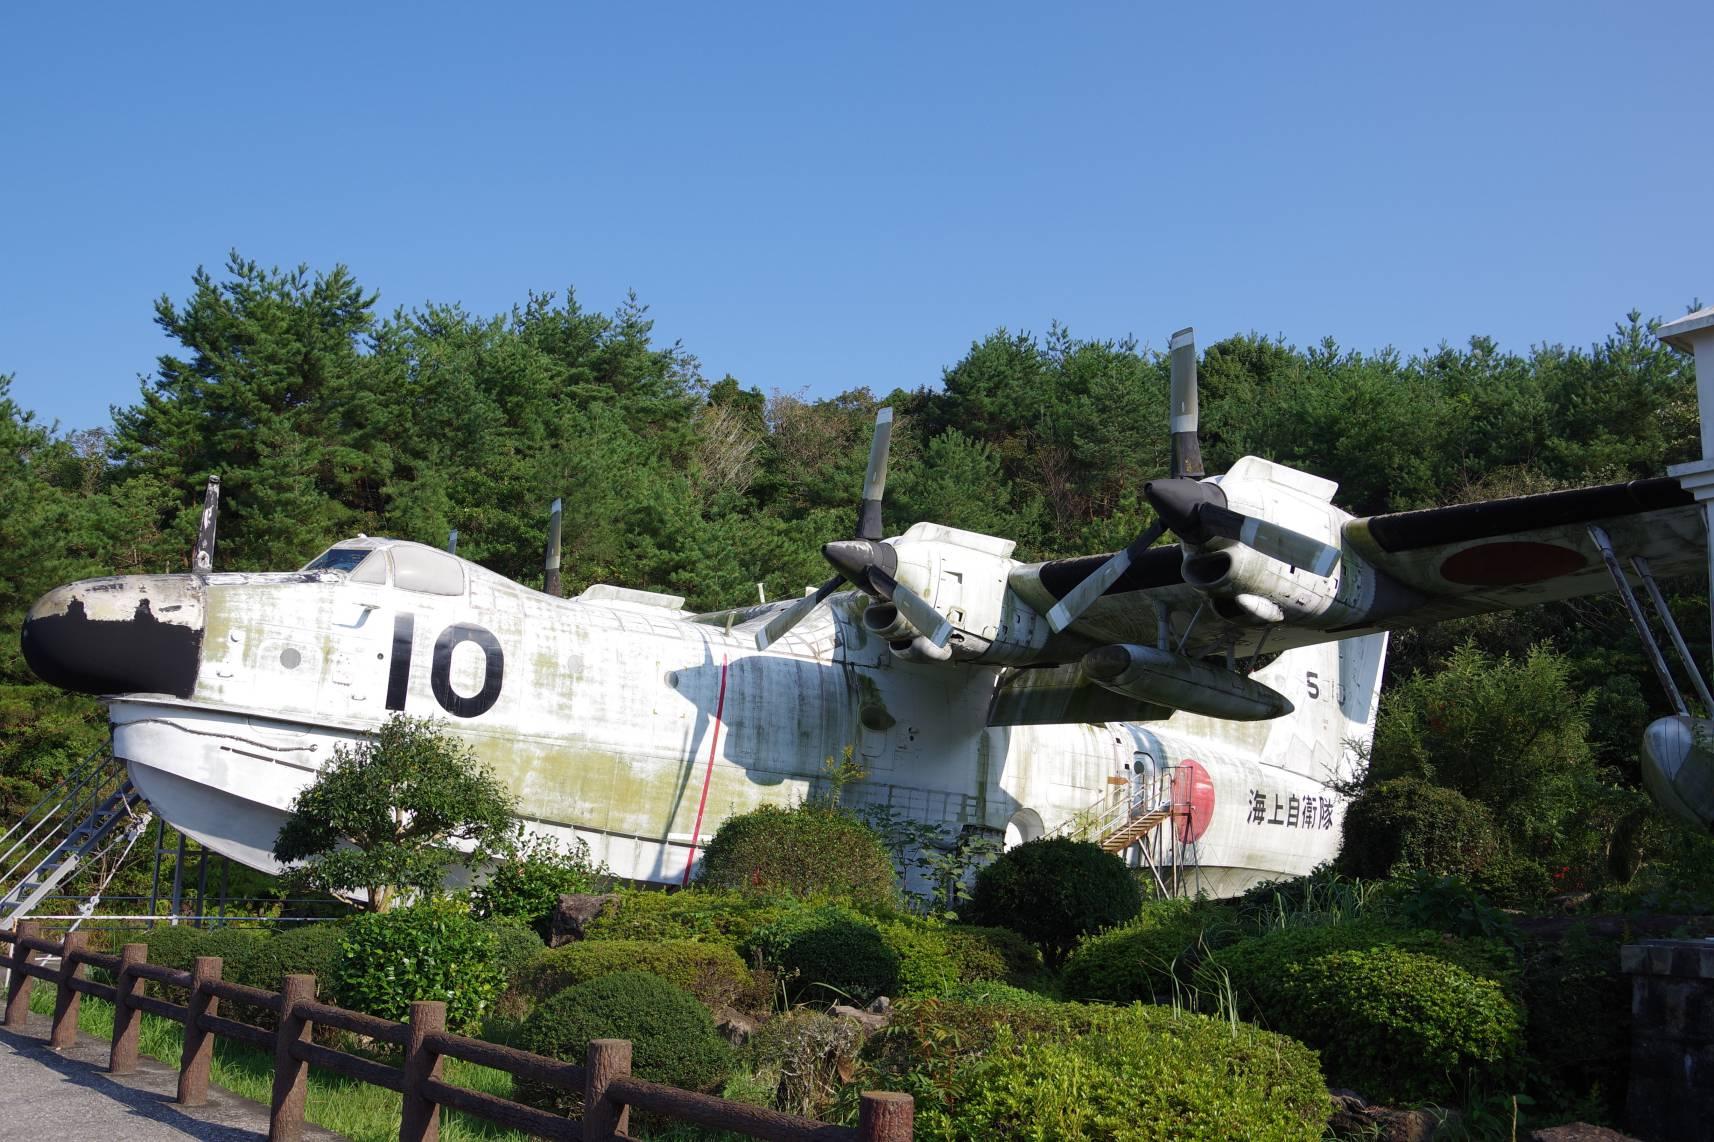 海中水族館シードーナツの隣にある戦闘機